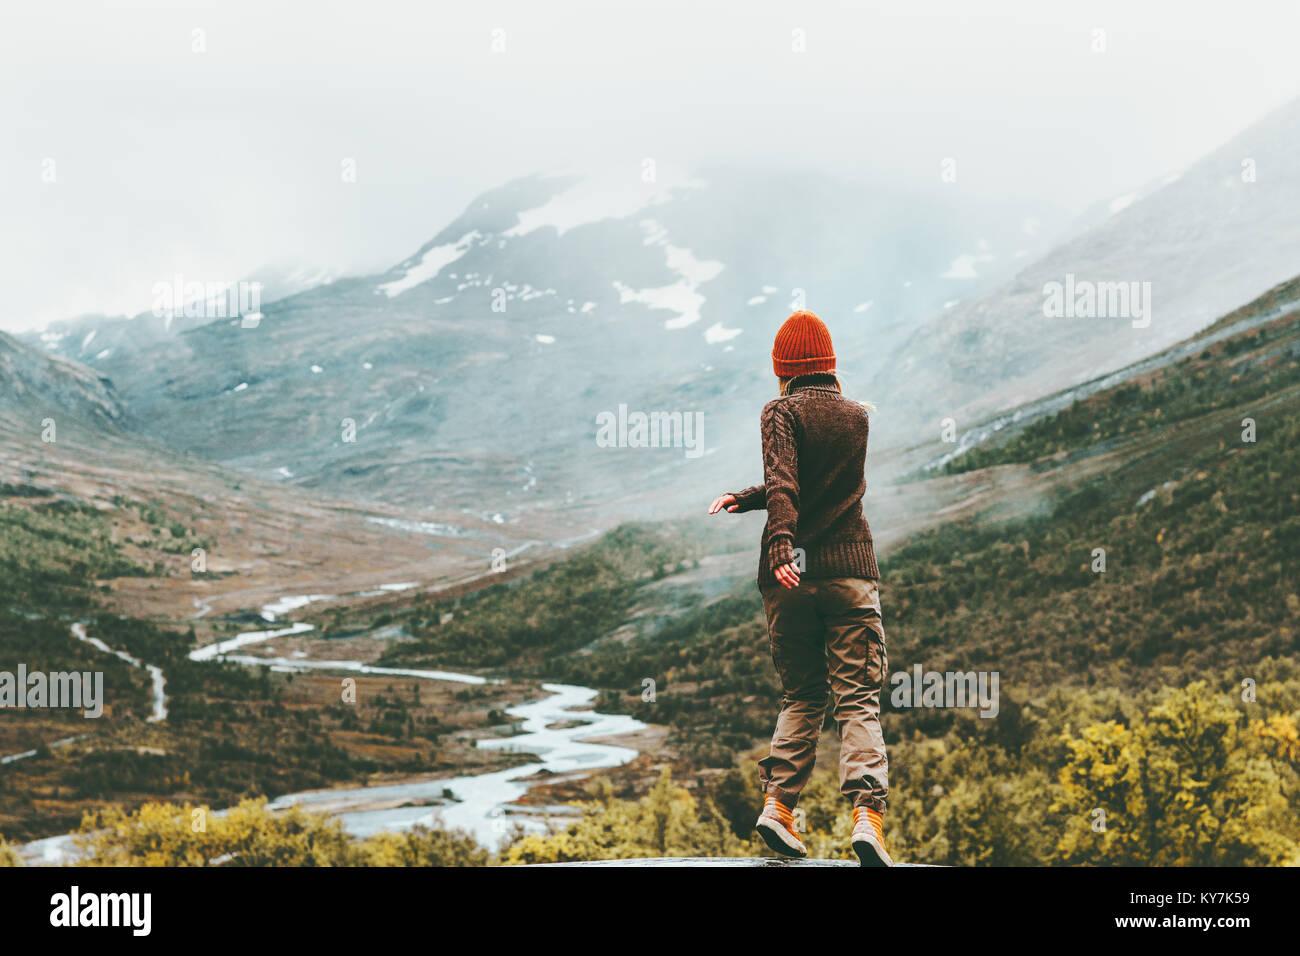 Mujer y caminando en las montañas brumosas Outdoor Lifestyle viajes Antecedentes Concepto de escapada aventura Imagen De Stock